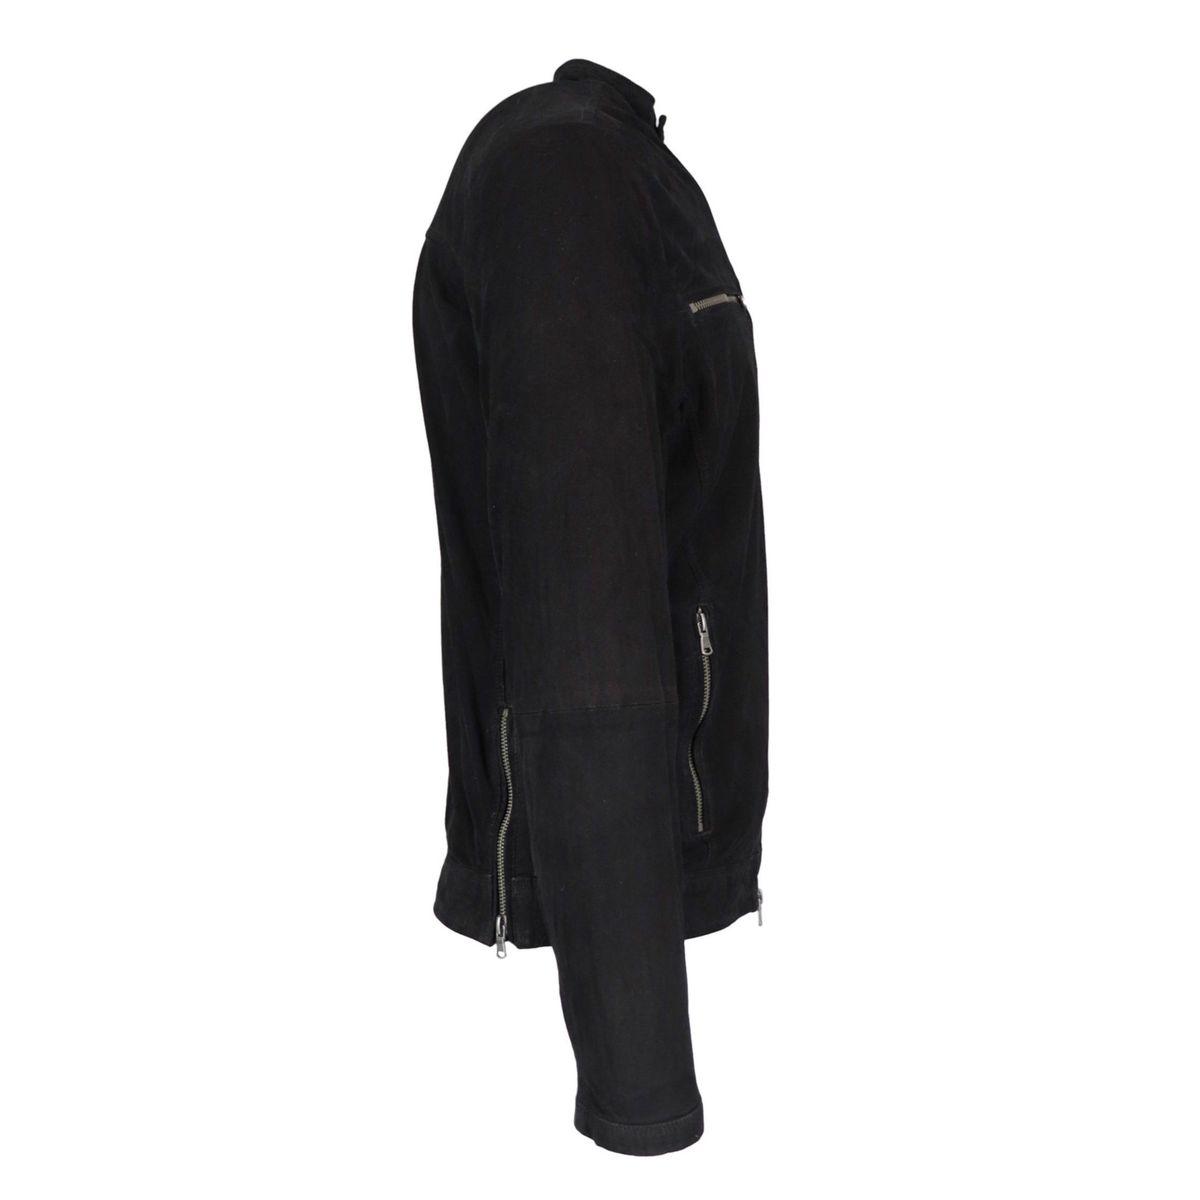 Ferdinando suede jacket Black Andrea D'amico